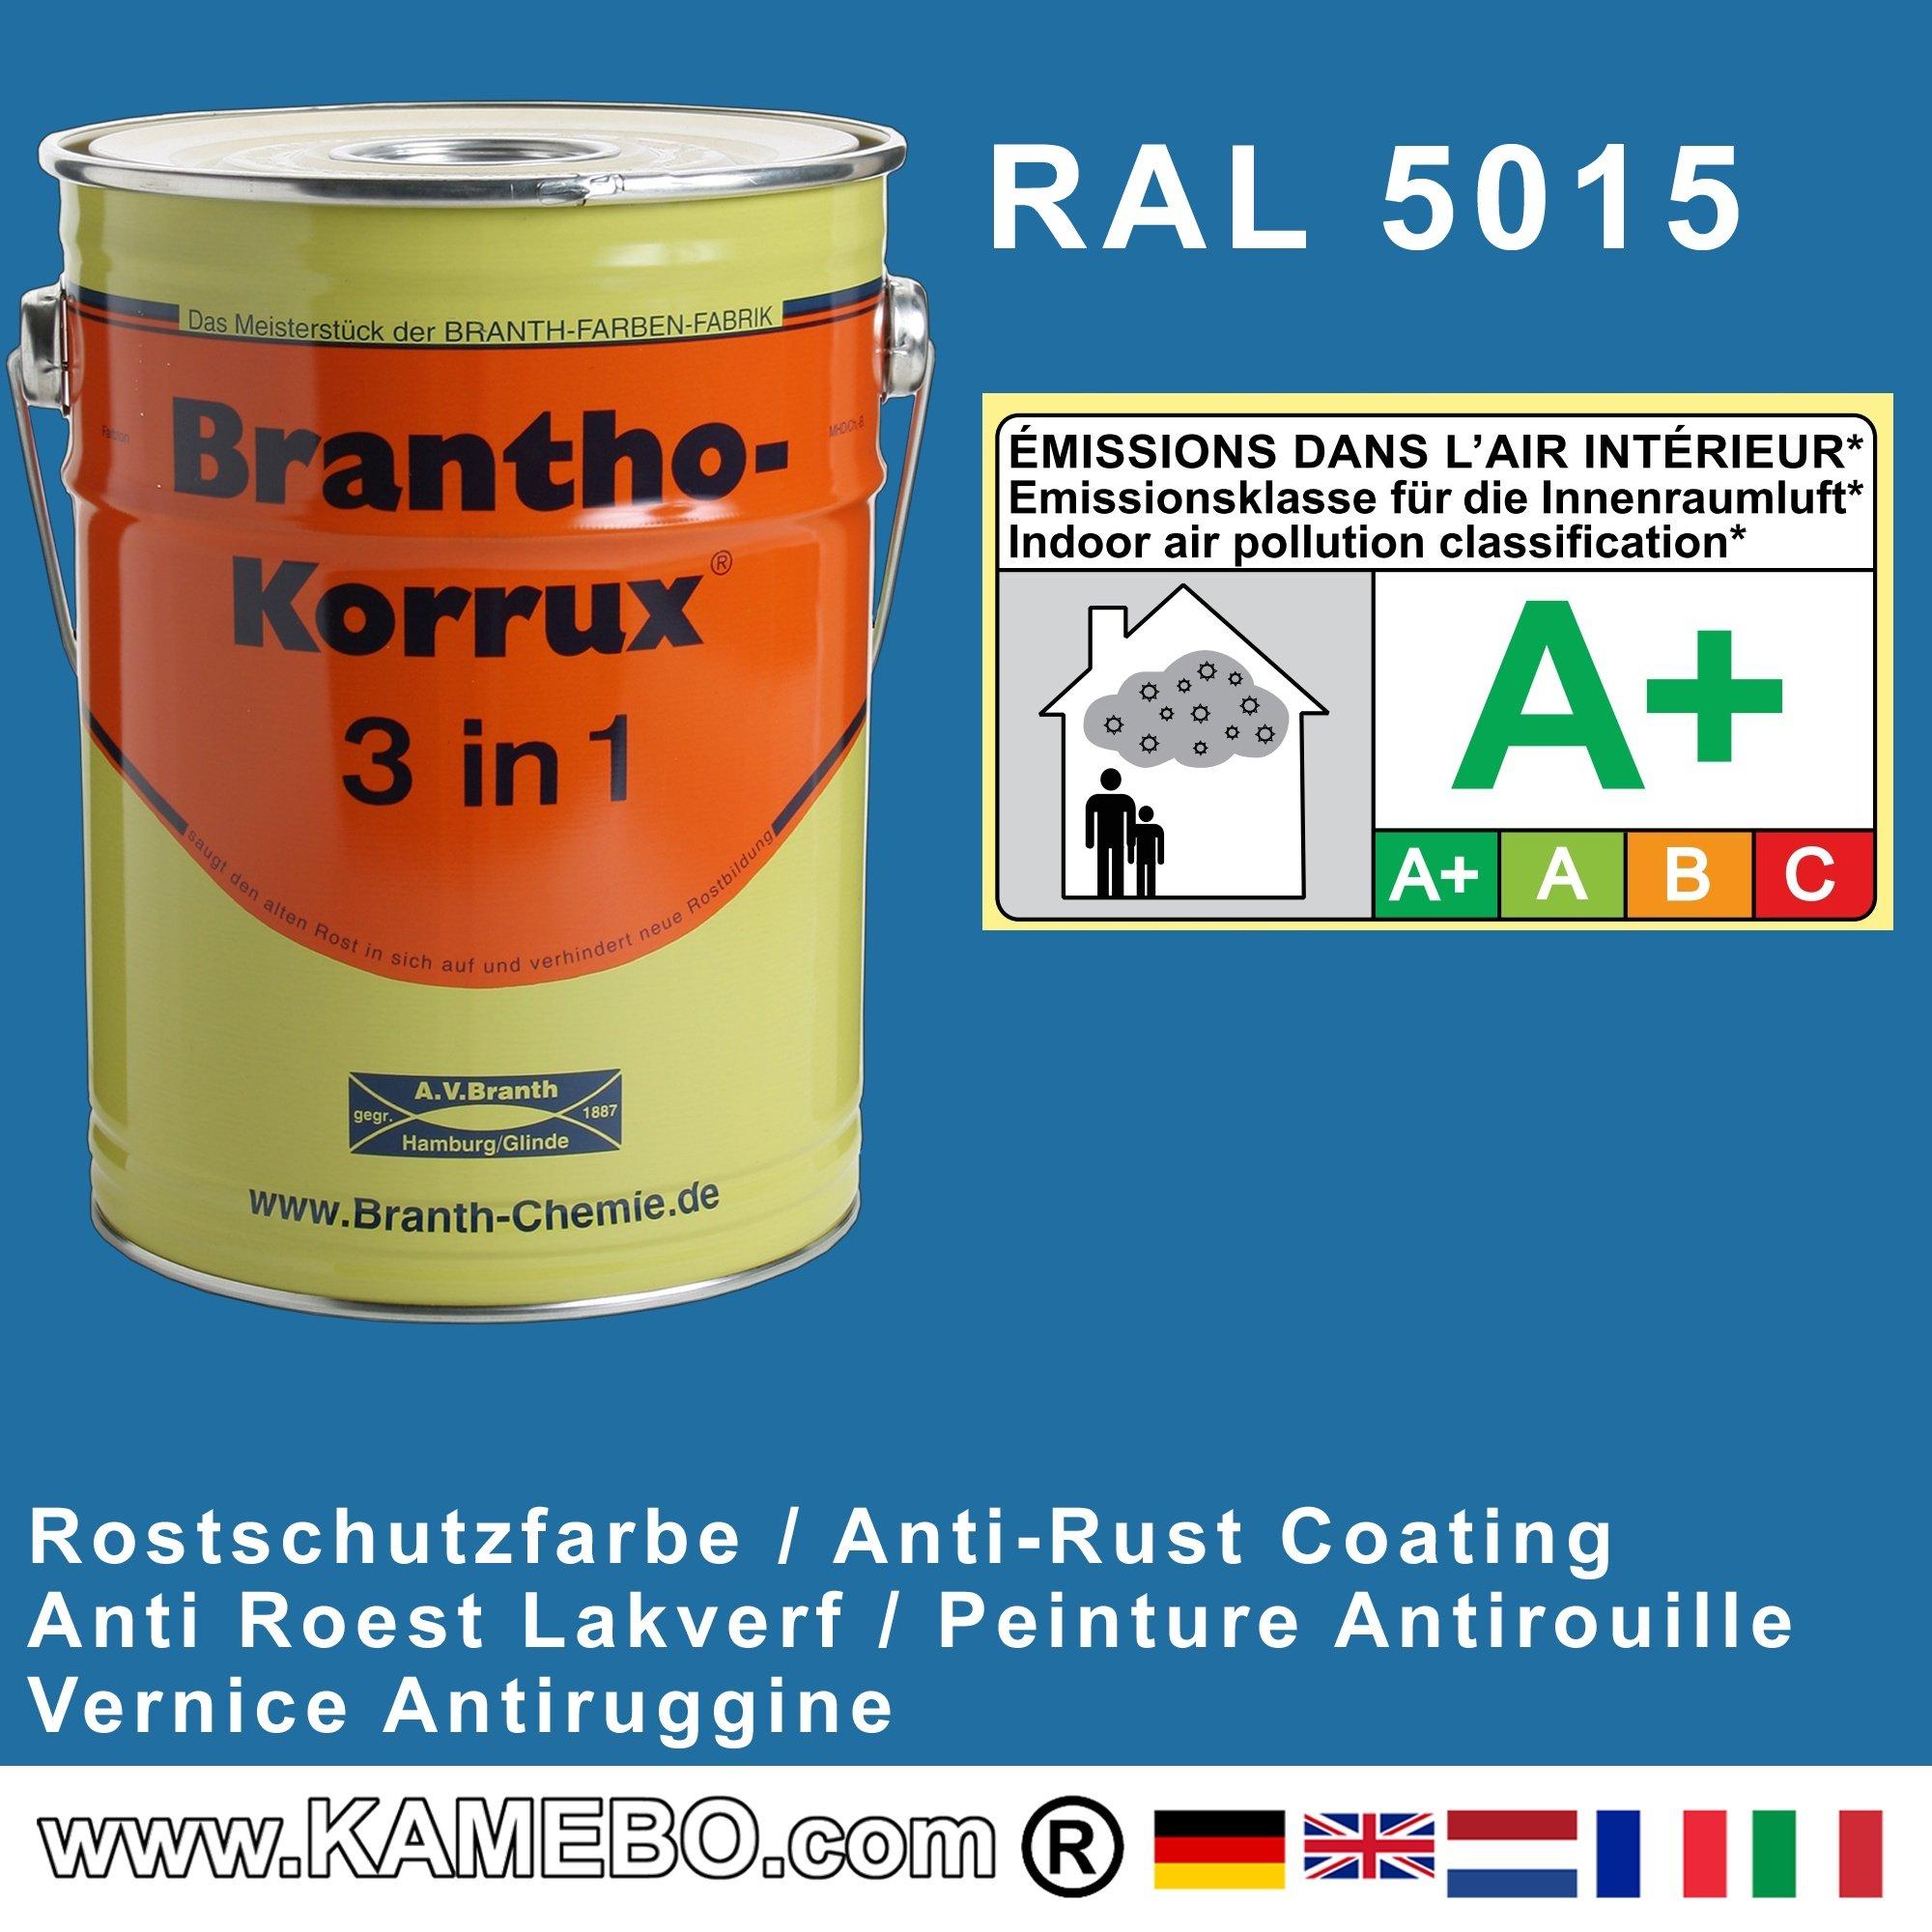 brantho korrux 3in1 peinture antirouille ral 5015 bleu. Black Bedroom Furniture Sets. Home Design Ideas